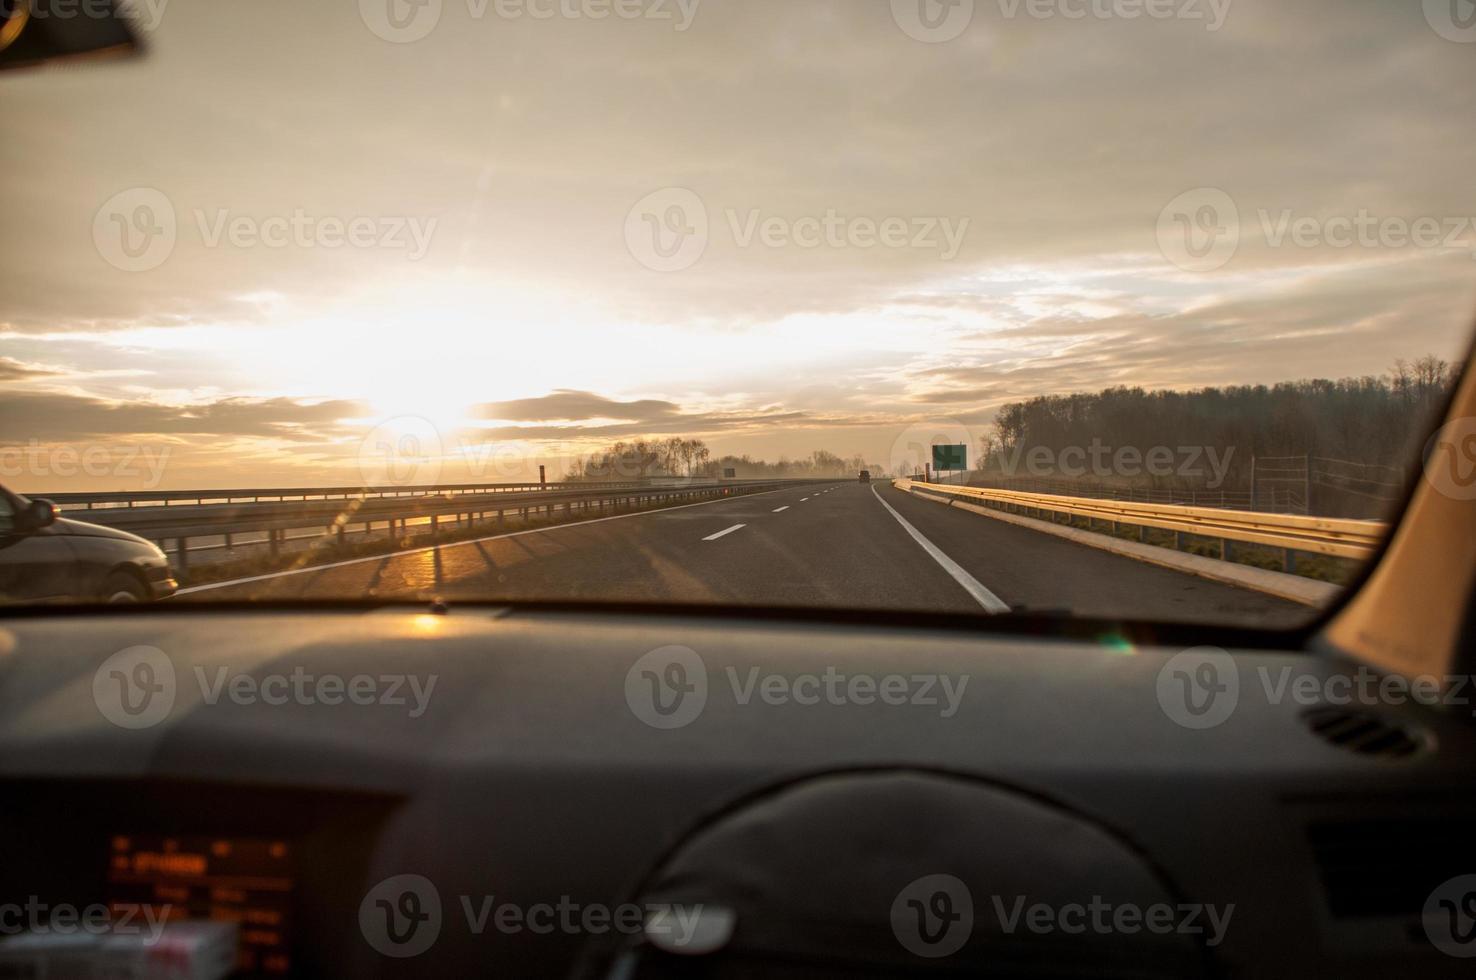 mirando por el parabrisas de un automóvil conduciendo por una autopista foto